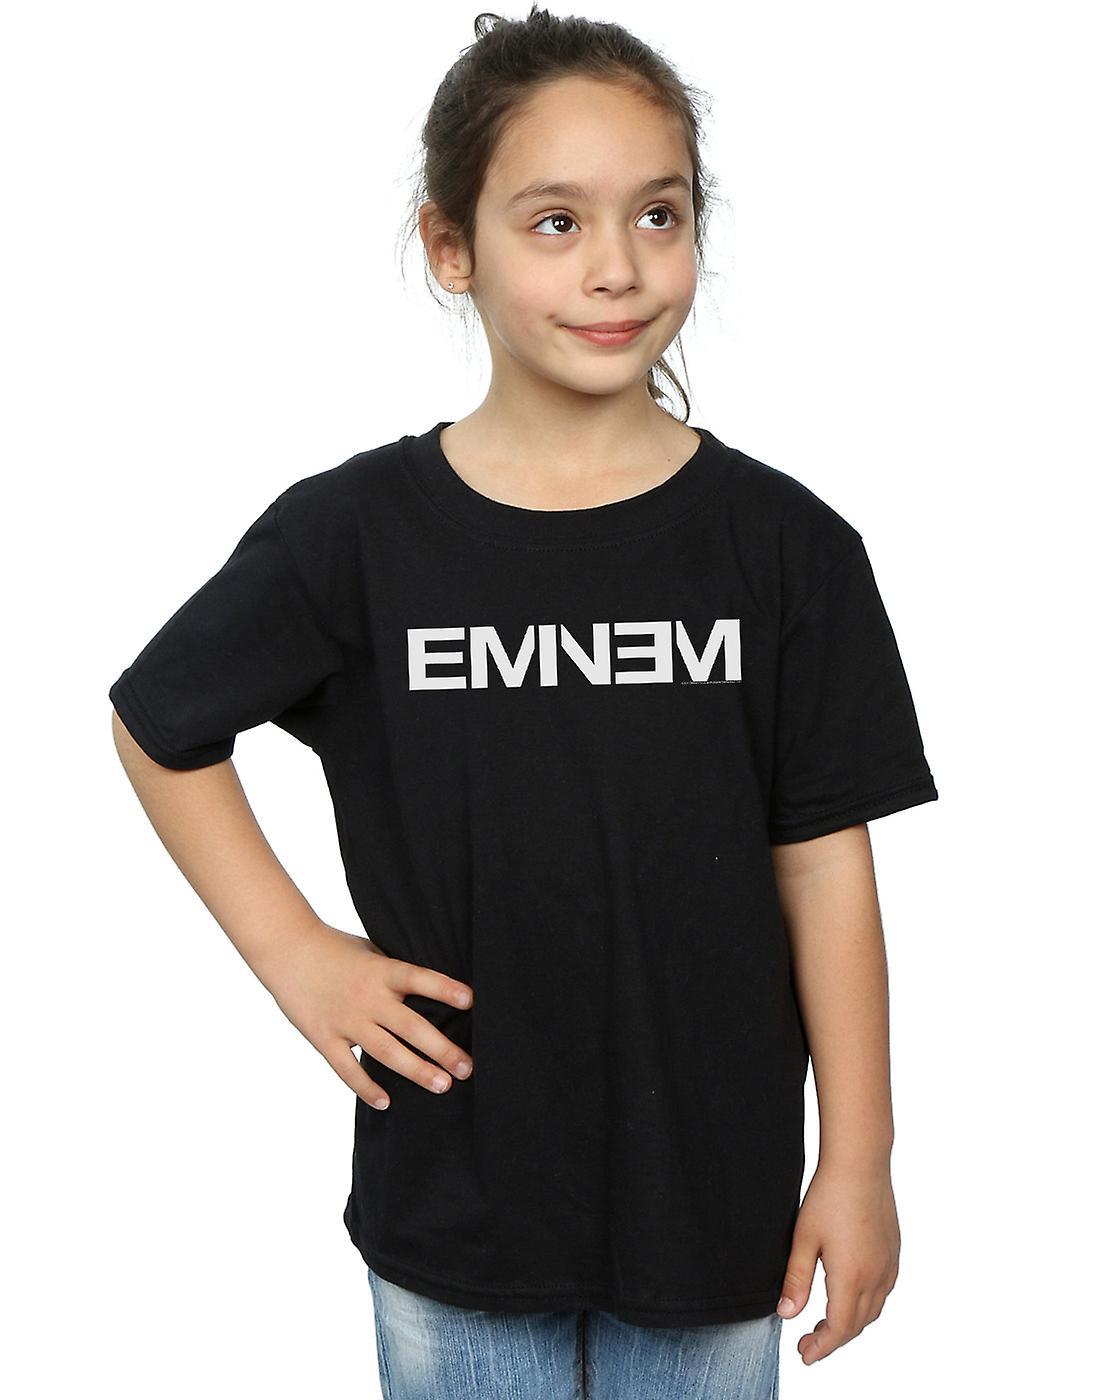 Eminem Girls Plain Text T-Shirt